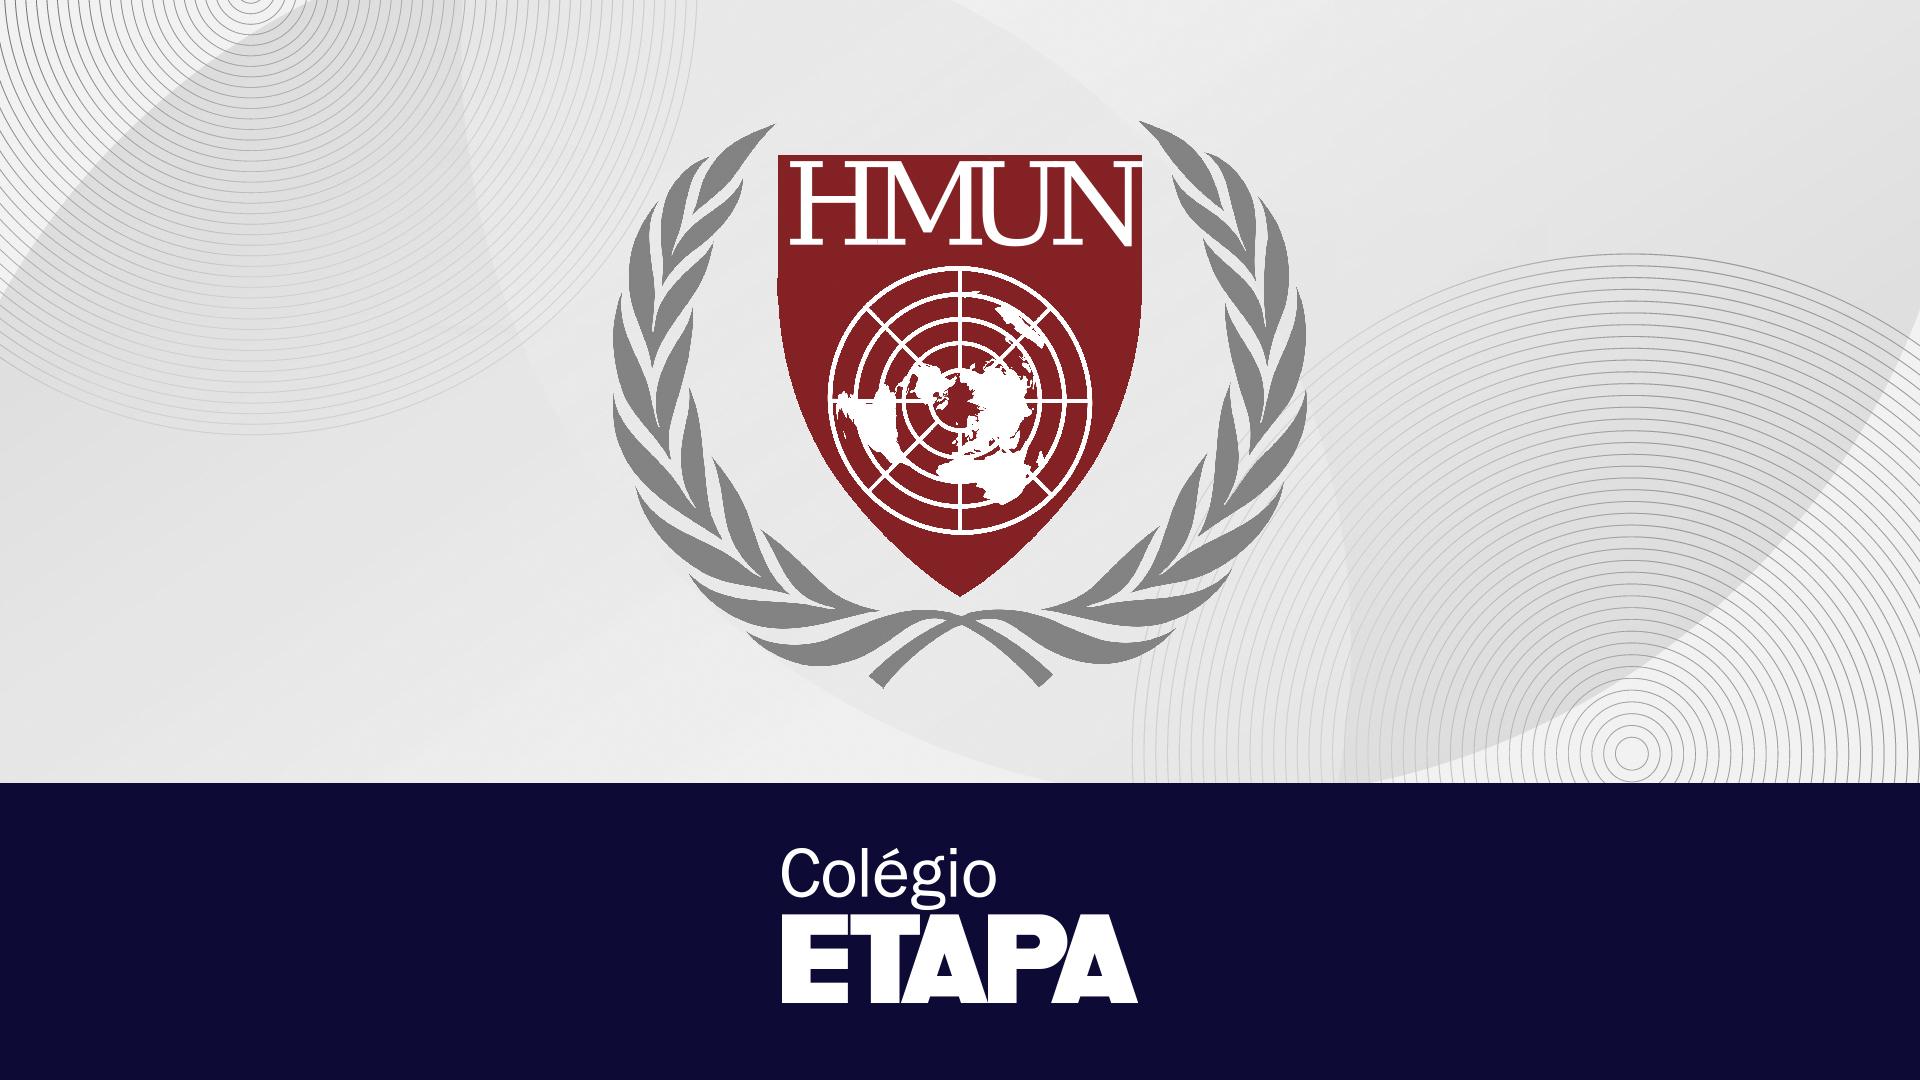 Alunos do Etapa são premiados no HMUN 2021